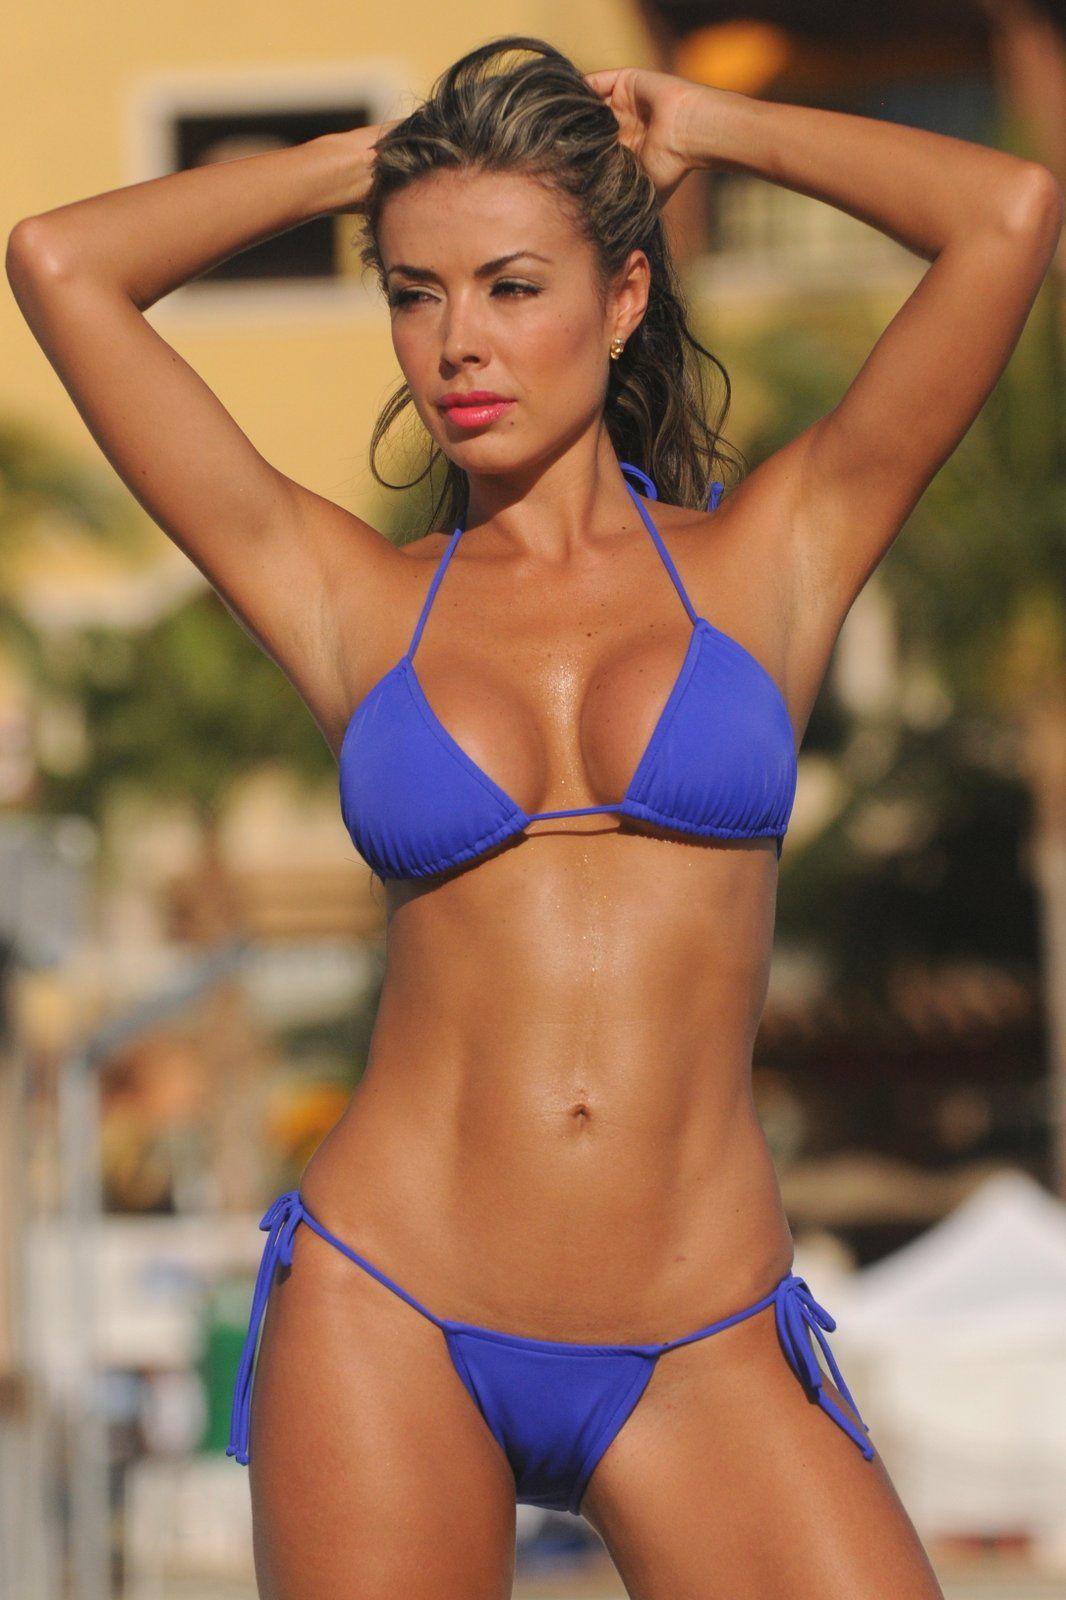 My Skimpy Bikini 119